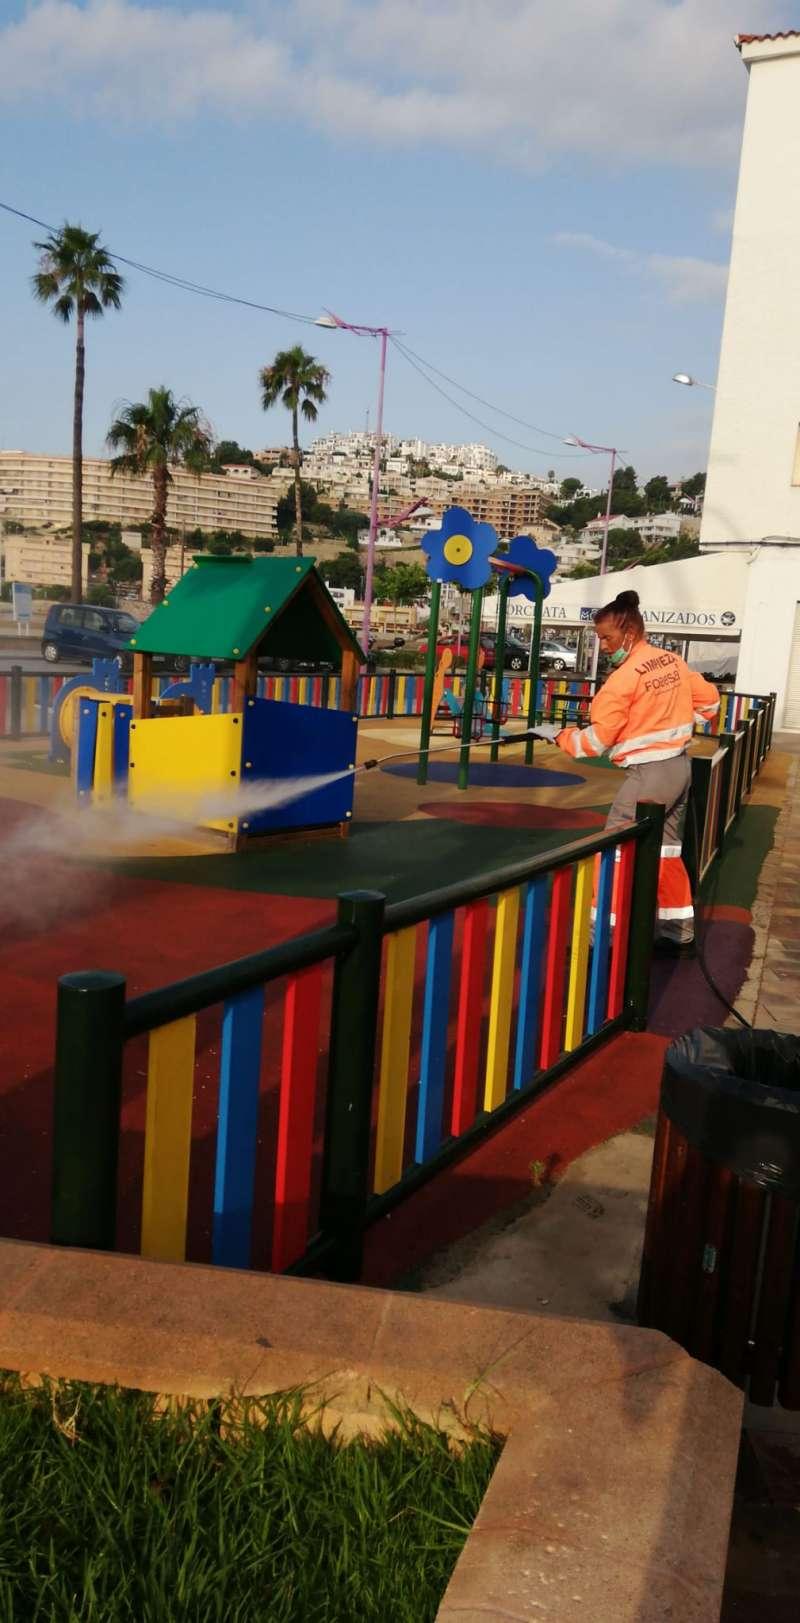 Trabajadora haciendo labores de desinfección en un parque infantil./PDA